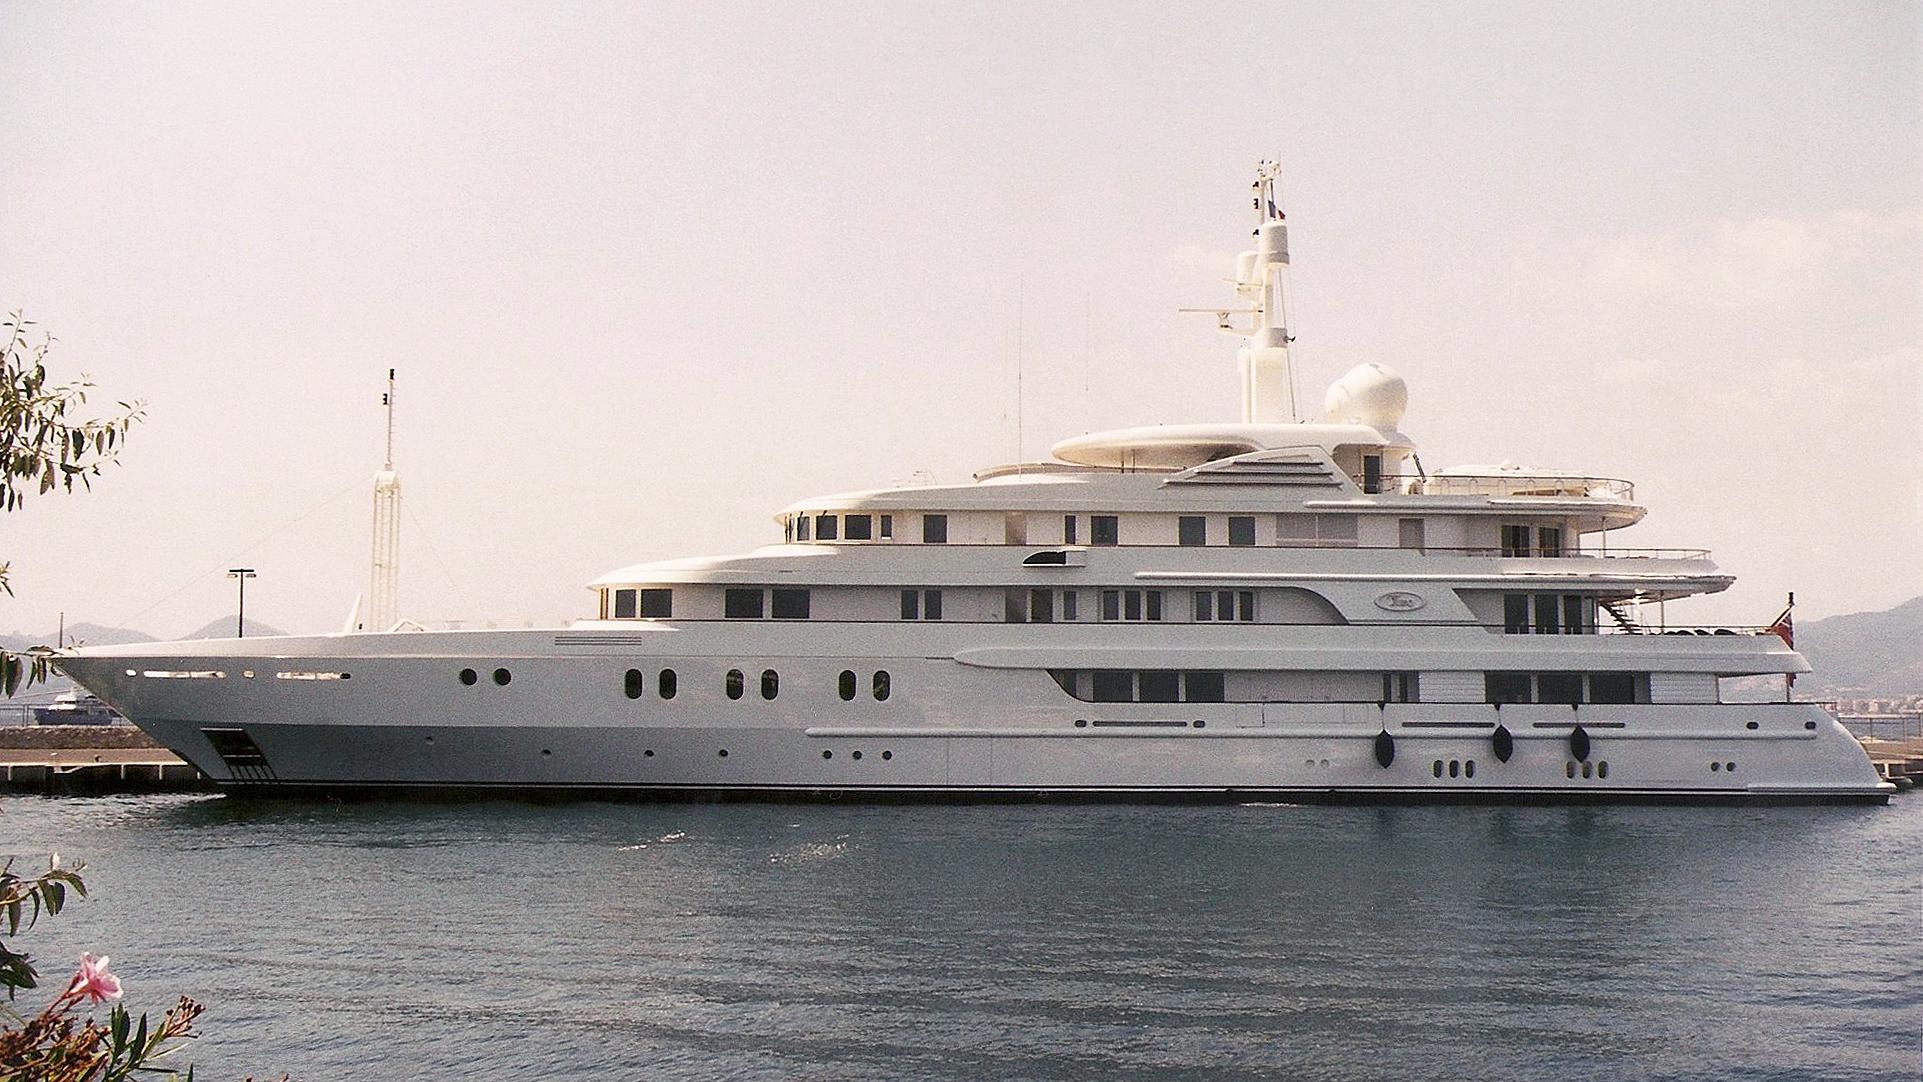 tueq-motor-yacht-Van-Der-Giessen-De-Noord-2002-78m-before-refti